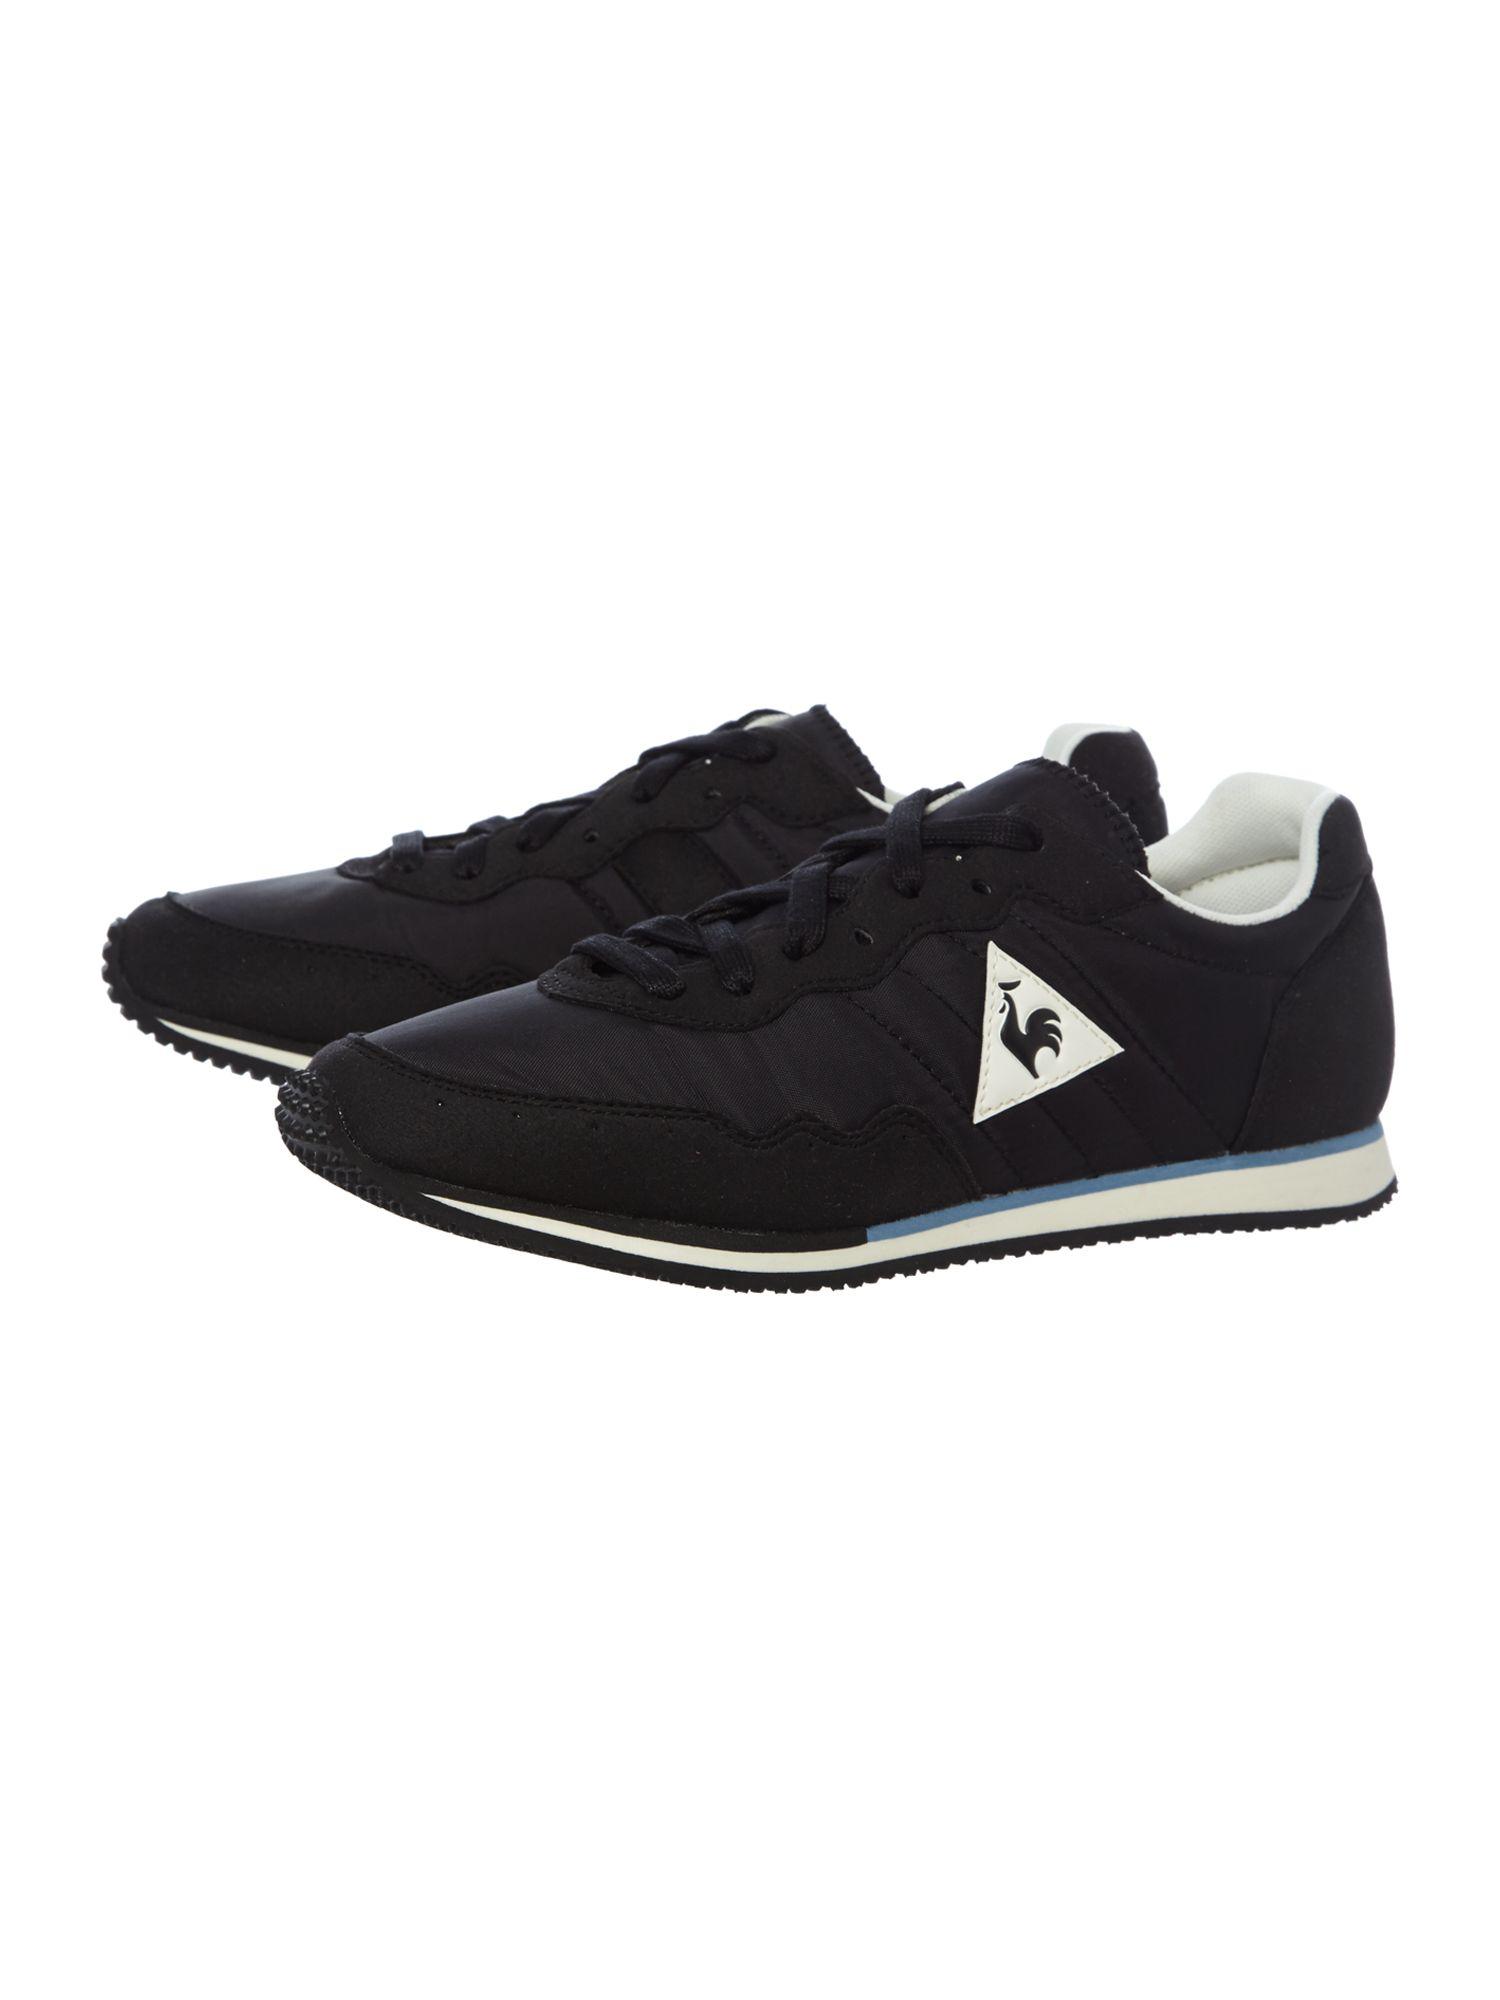 le coq sportif shoes silver sky blue